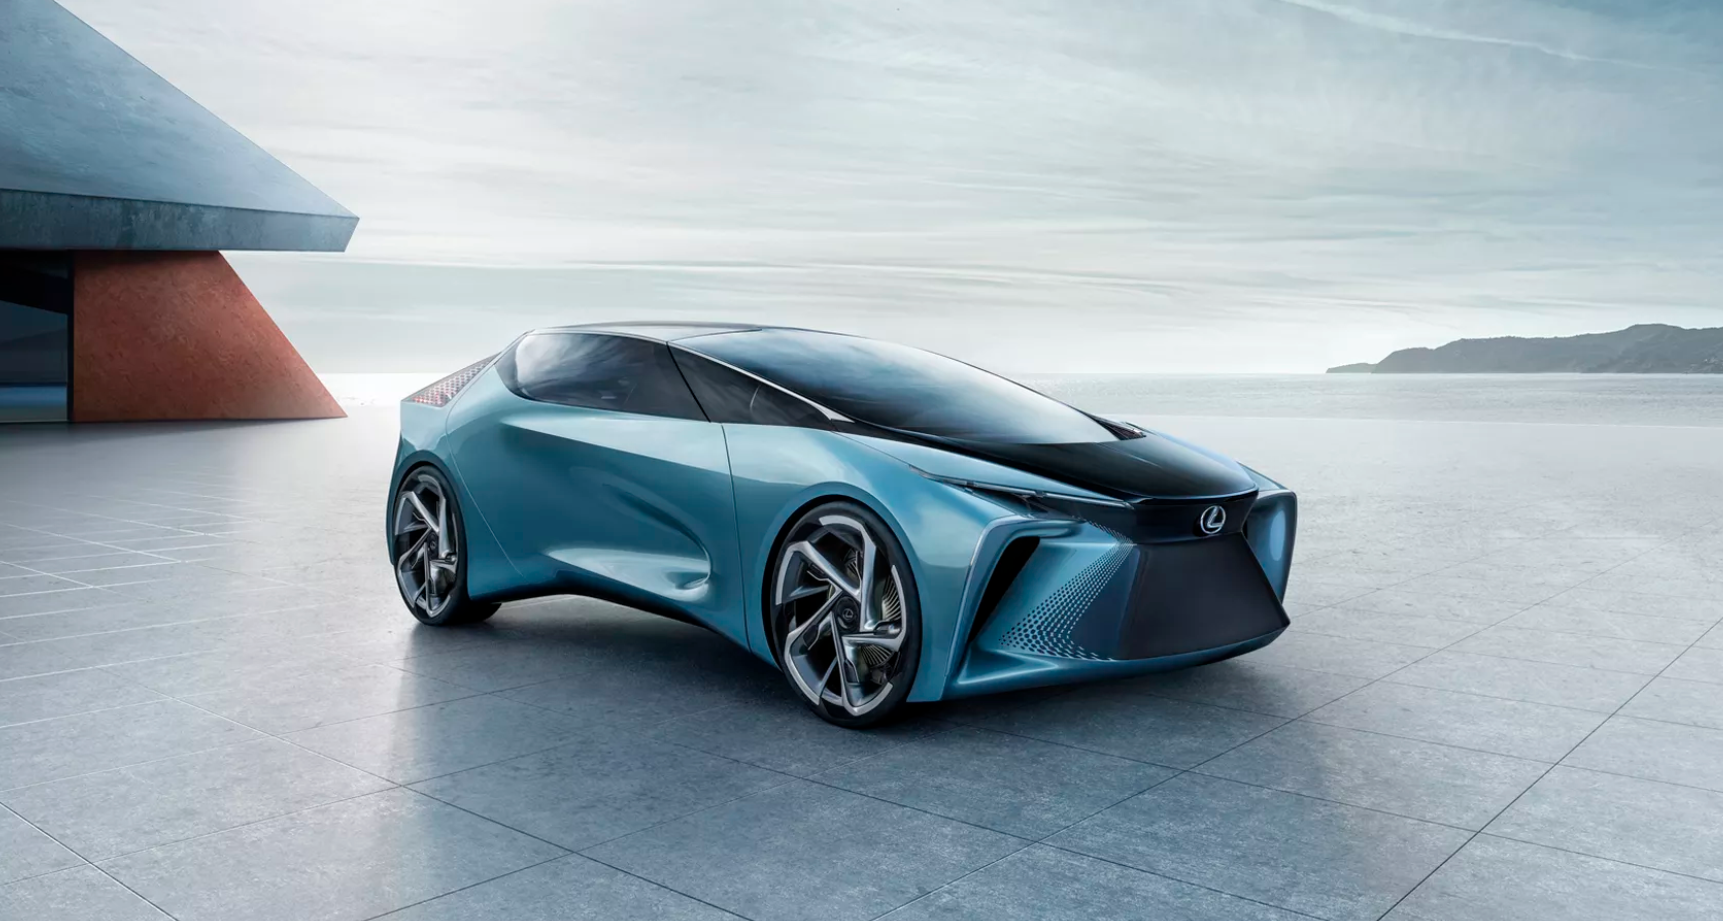 Chiem-nguong-chiec-sieu-xe-chay-dien-100-cua-Lexus-se-ra-mat-trong-nam-2020-1